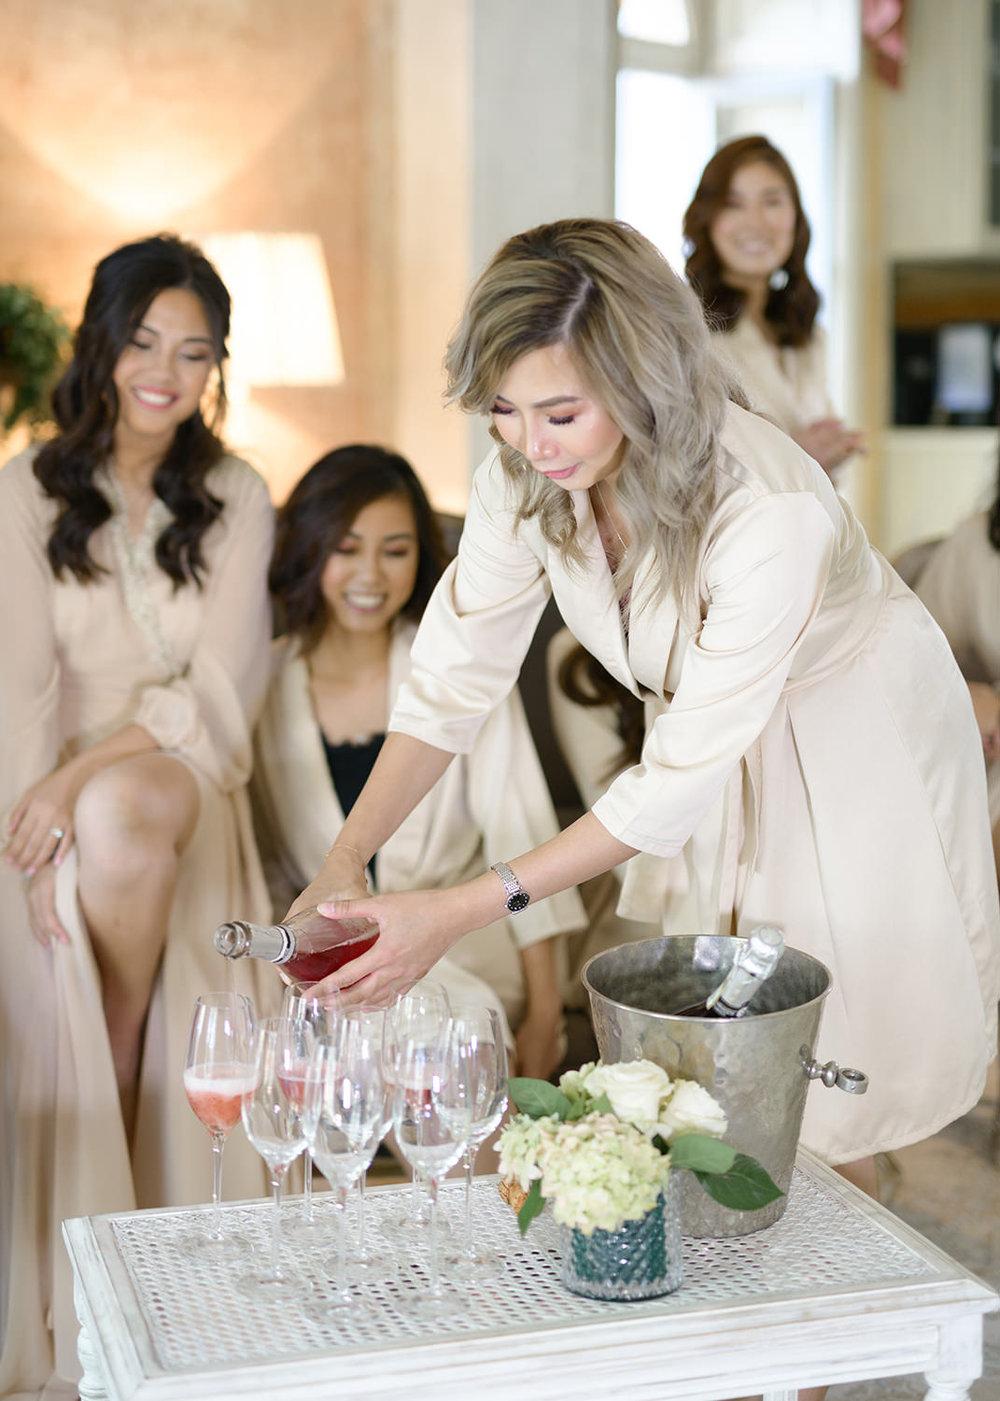 villa-regina-teodolinda-wedding-photographer-C&B-©bottega53-21.JPG